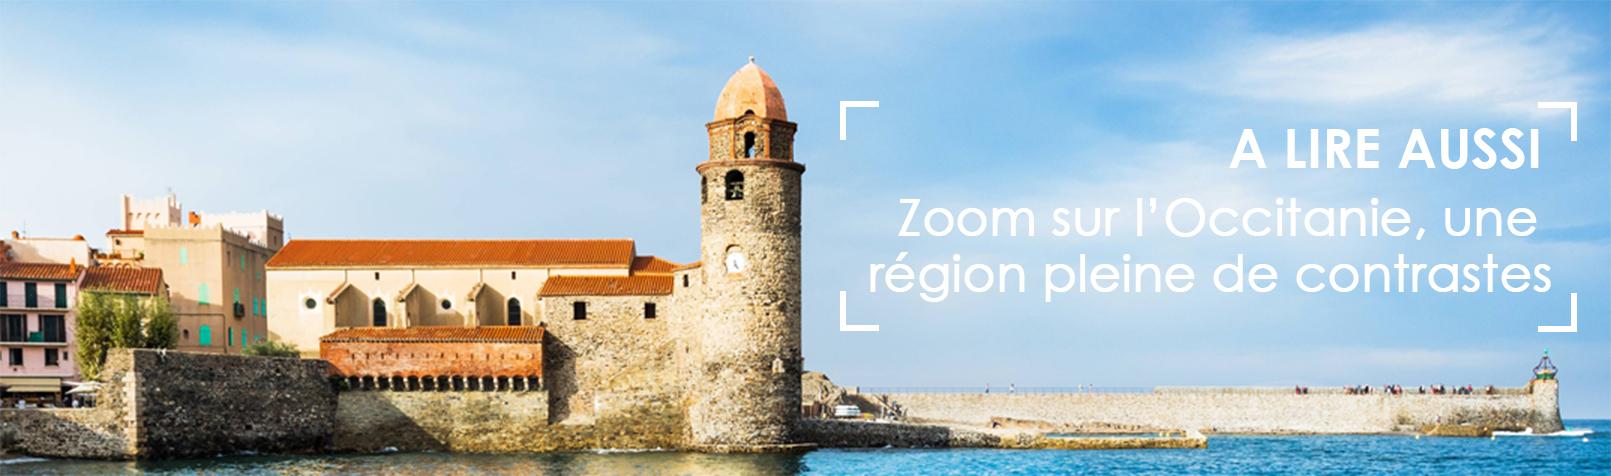 Zoom sur l'Occitanie, une région pleine de contrastes